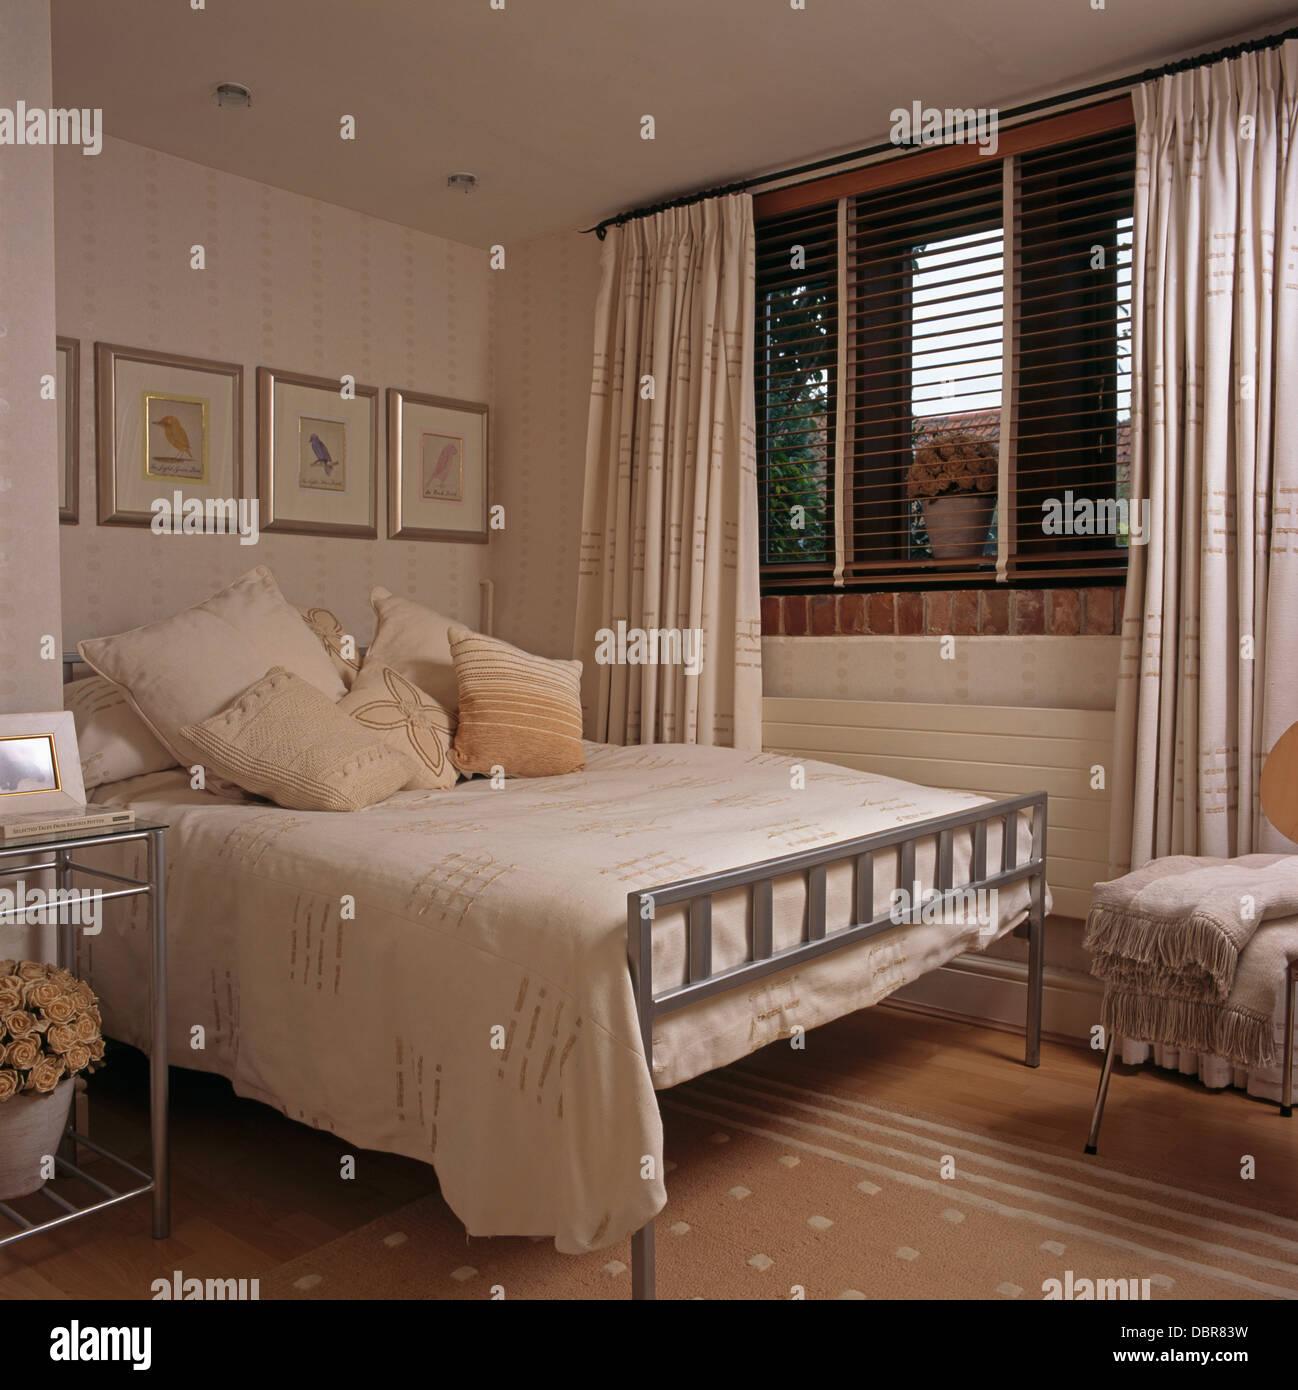 Creme-Baumwolle Bettdecke auf Metall Bett mit Kissen in modernen ...